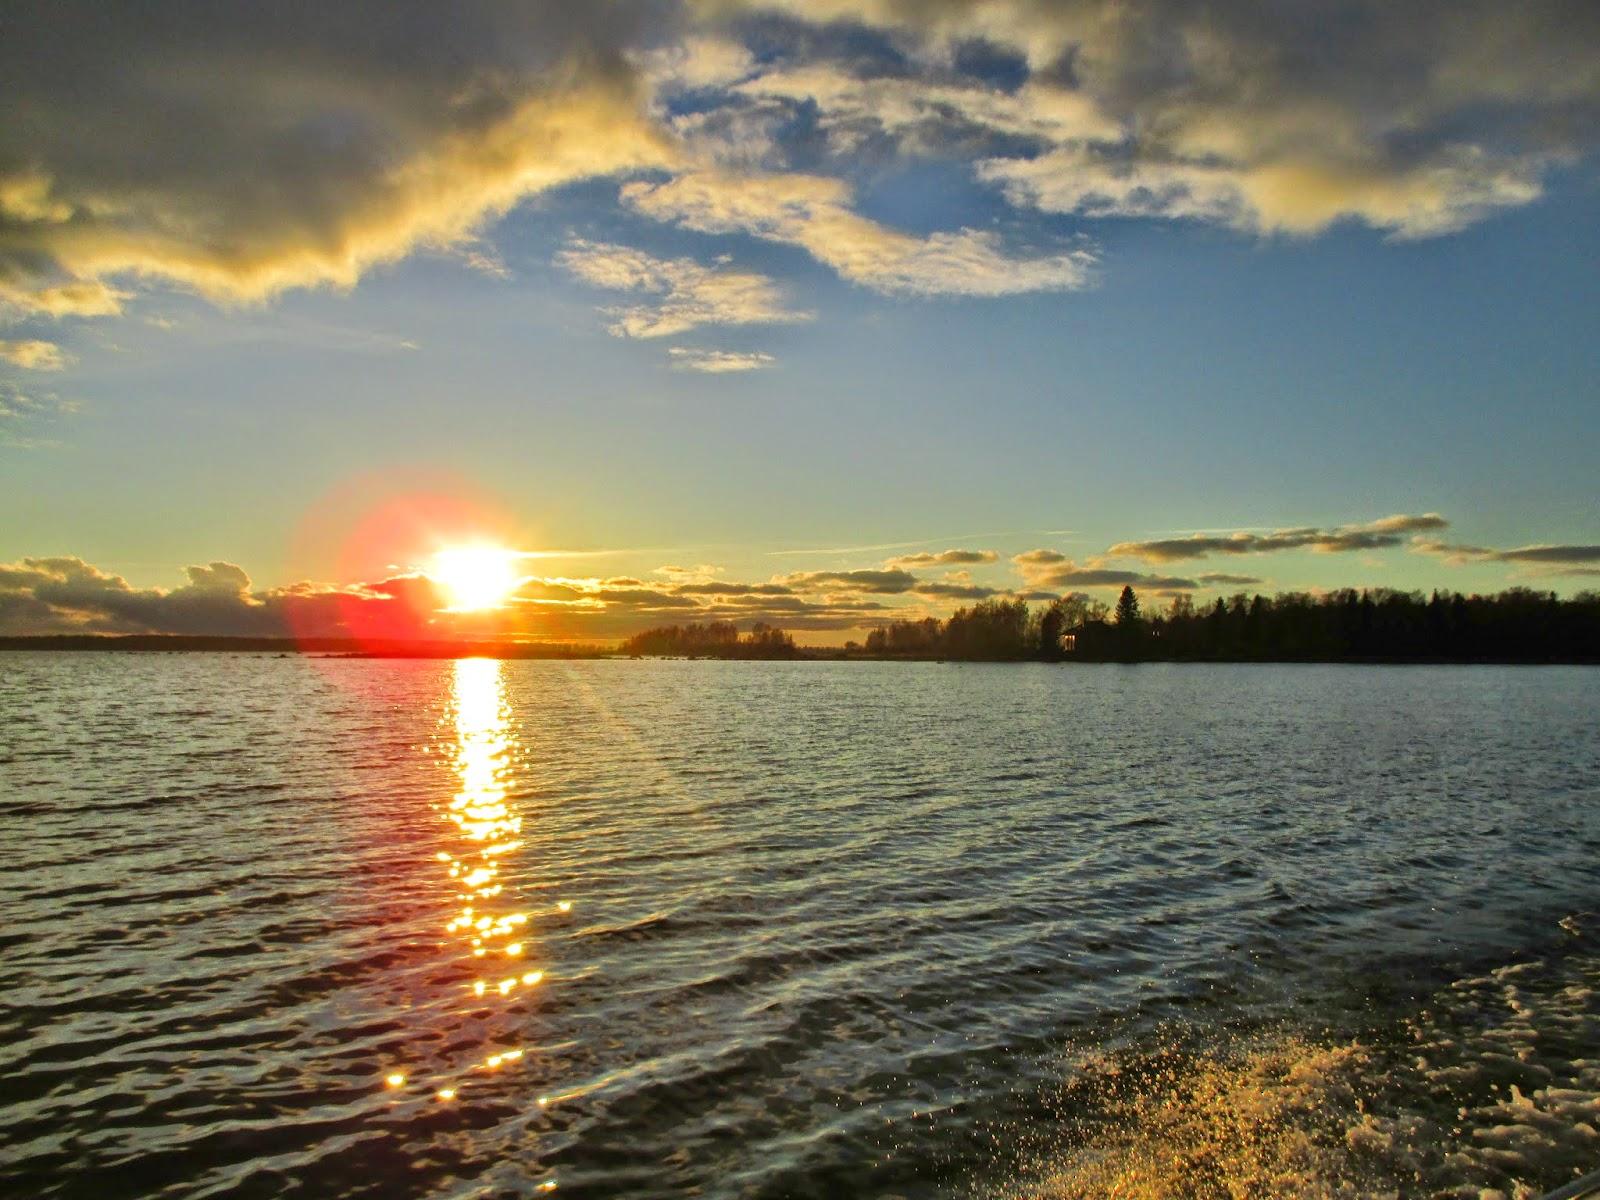 auringon lasku, lokakuun aurinko, meri, auringonsilta, irjan kuva, pilvet, taivas